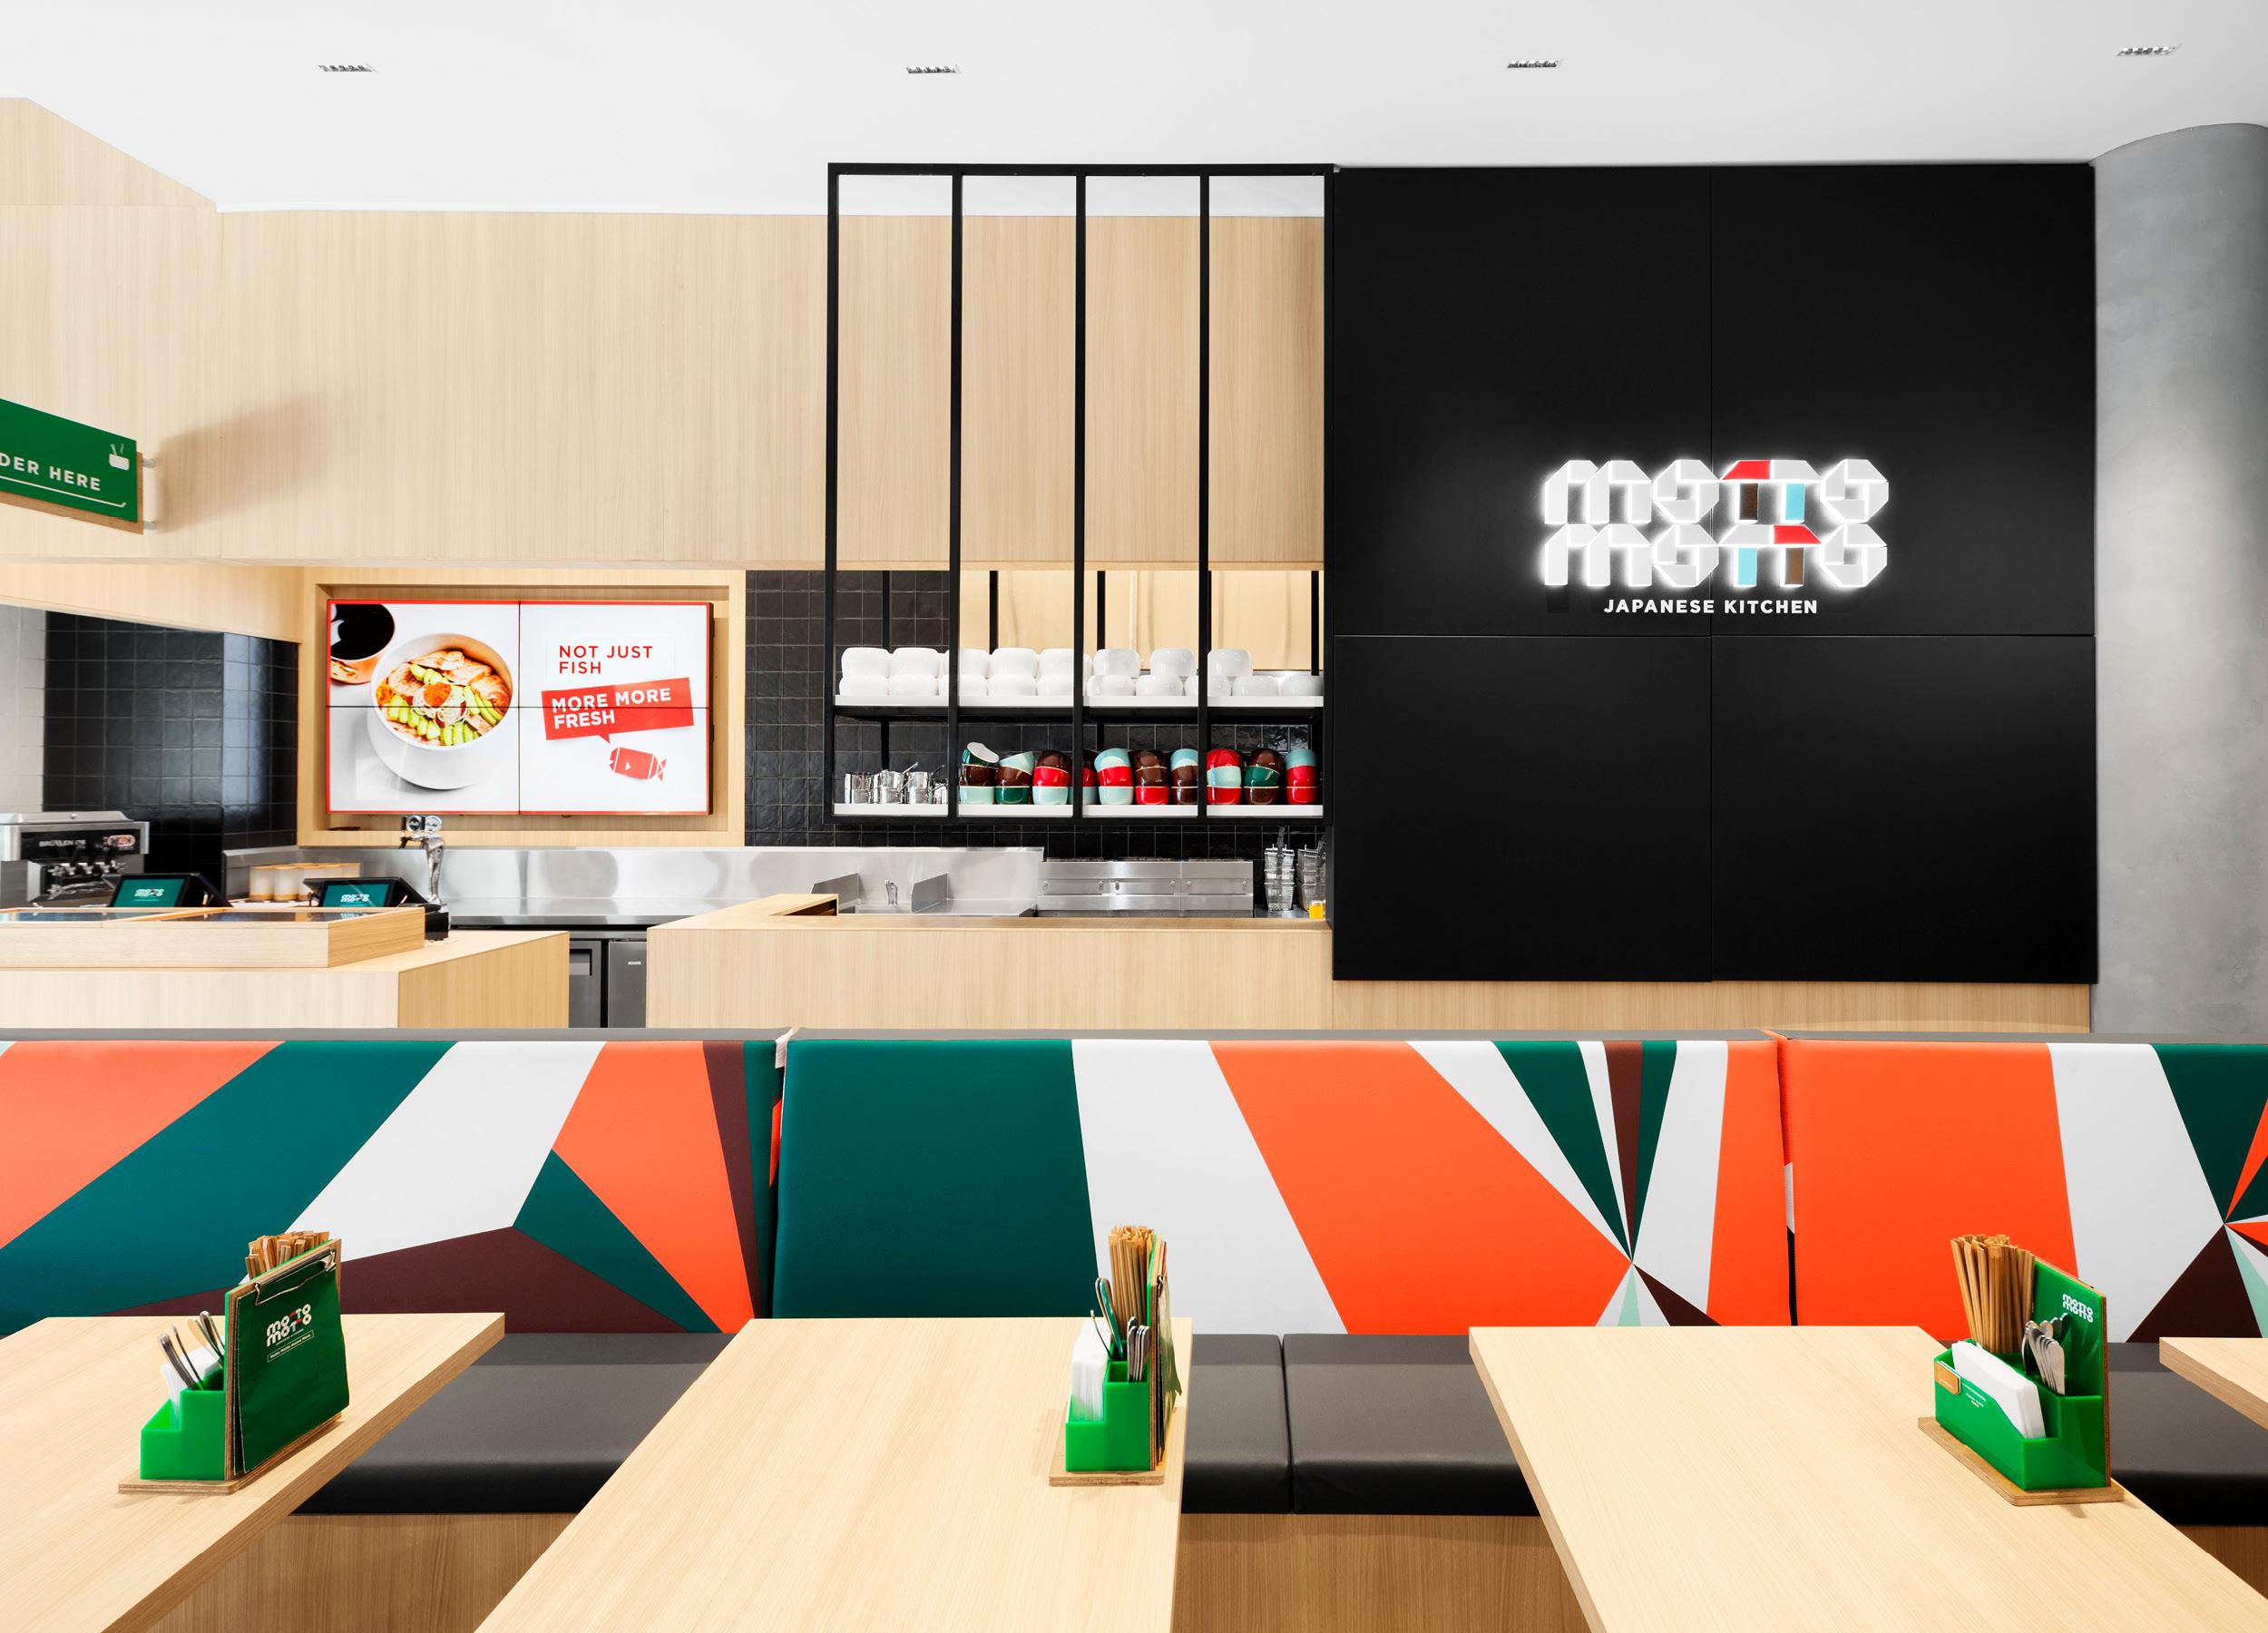 MOT136_Website_Images17.jpg